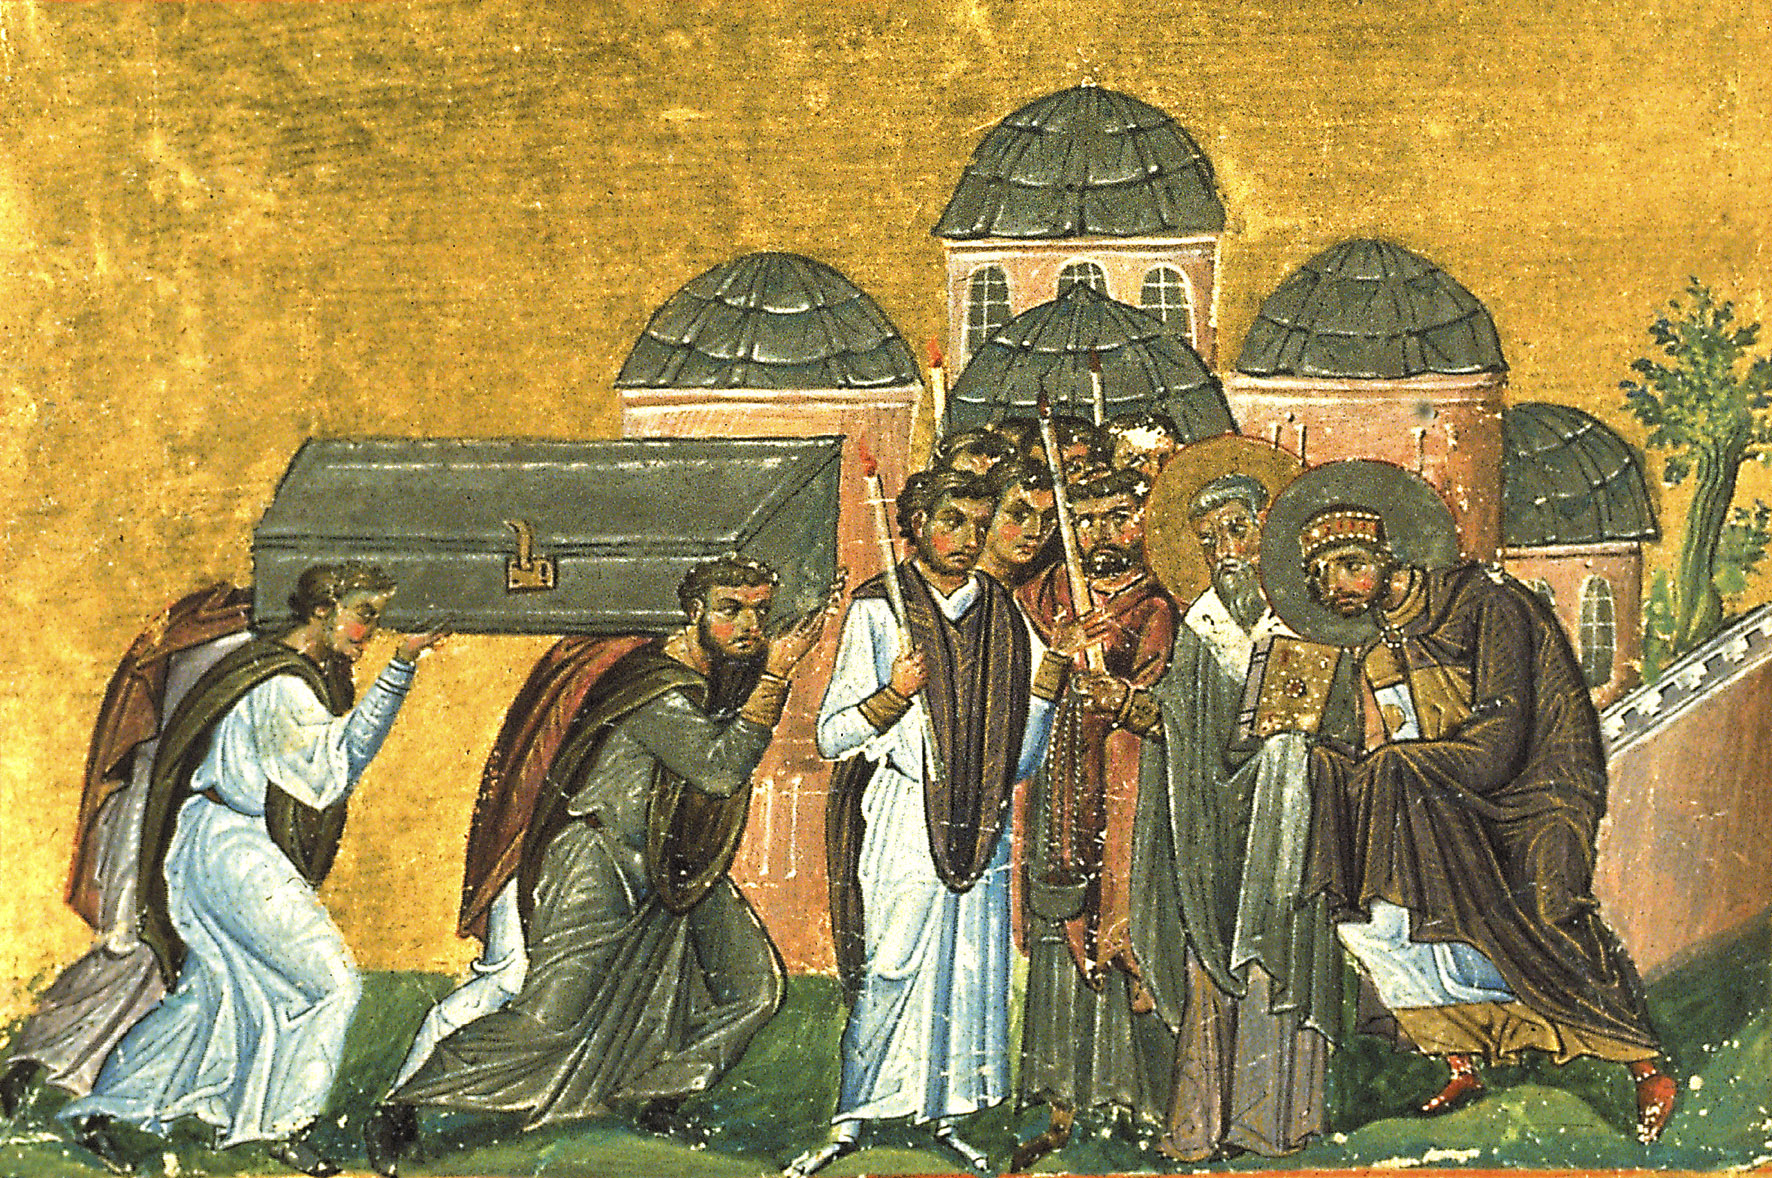 Overføring av Johannes Krysostomos' relikvier til Apostelkirken i Konstantinopel, miniatyr fra Basilios IIs menologium, Konstantinopel 985, nå i Vatikanbiblioteket i Roma